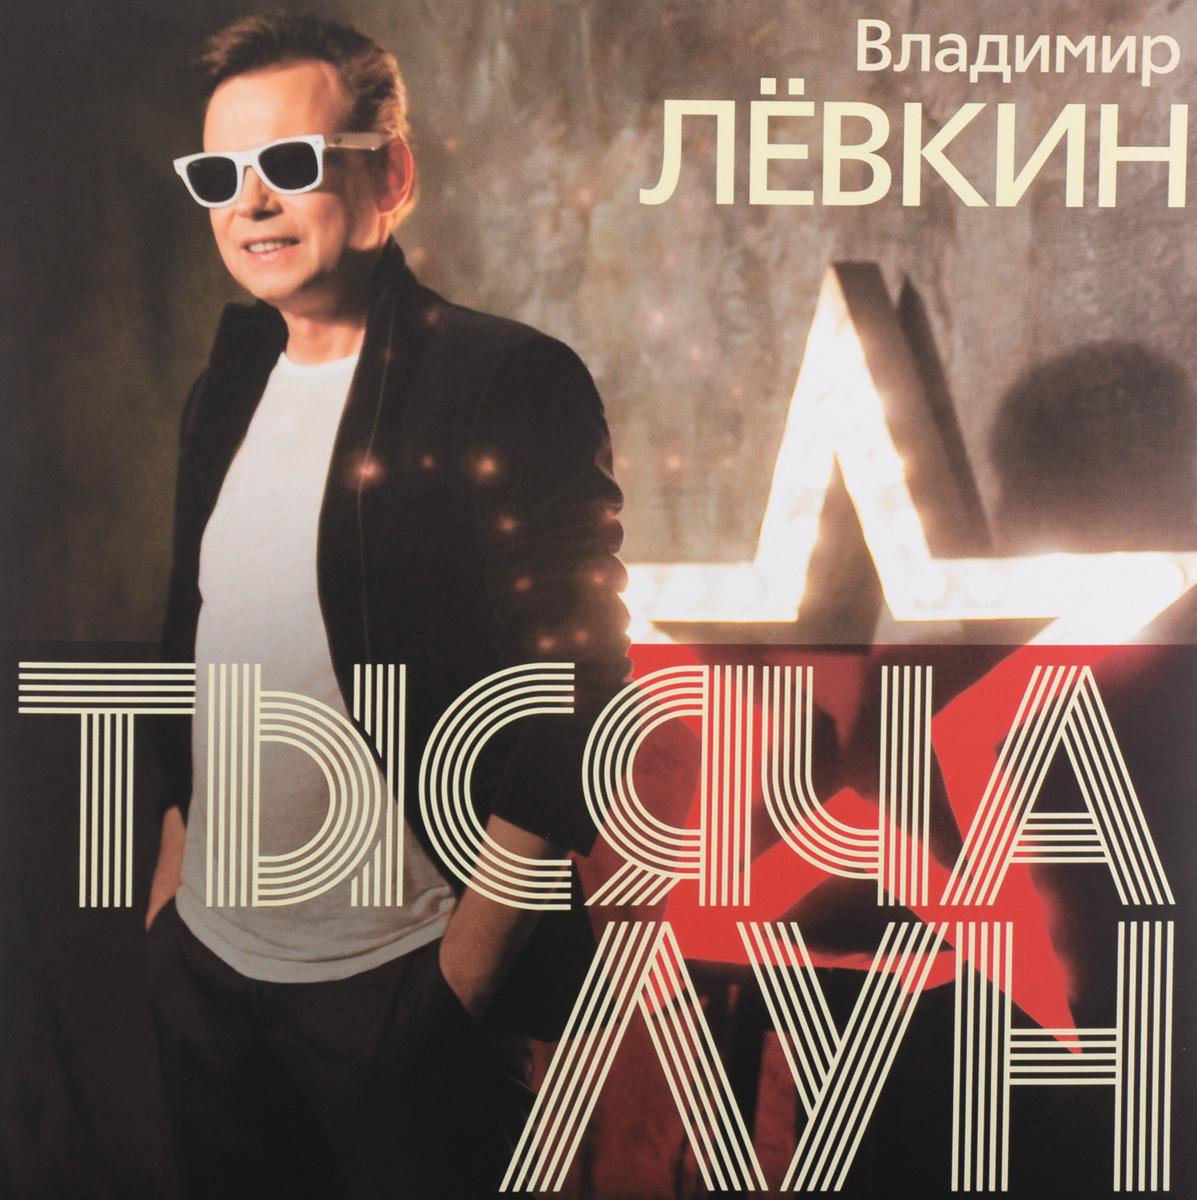 Владимир Левкин Владимир Левкин. Тысяча лун (LP) андрей левкин из чикаго